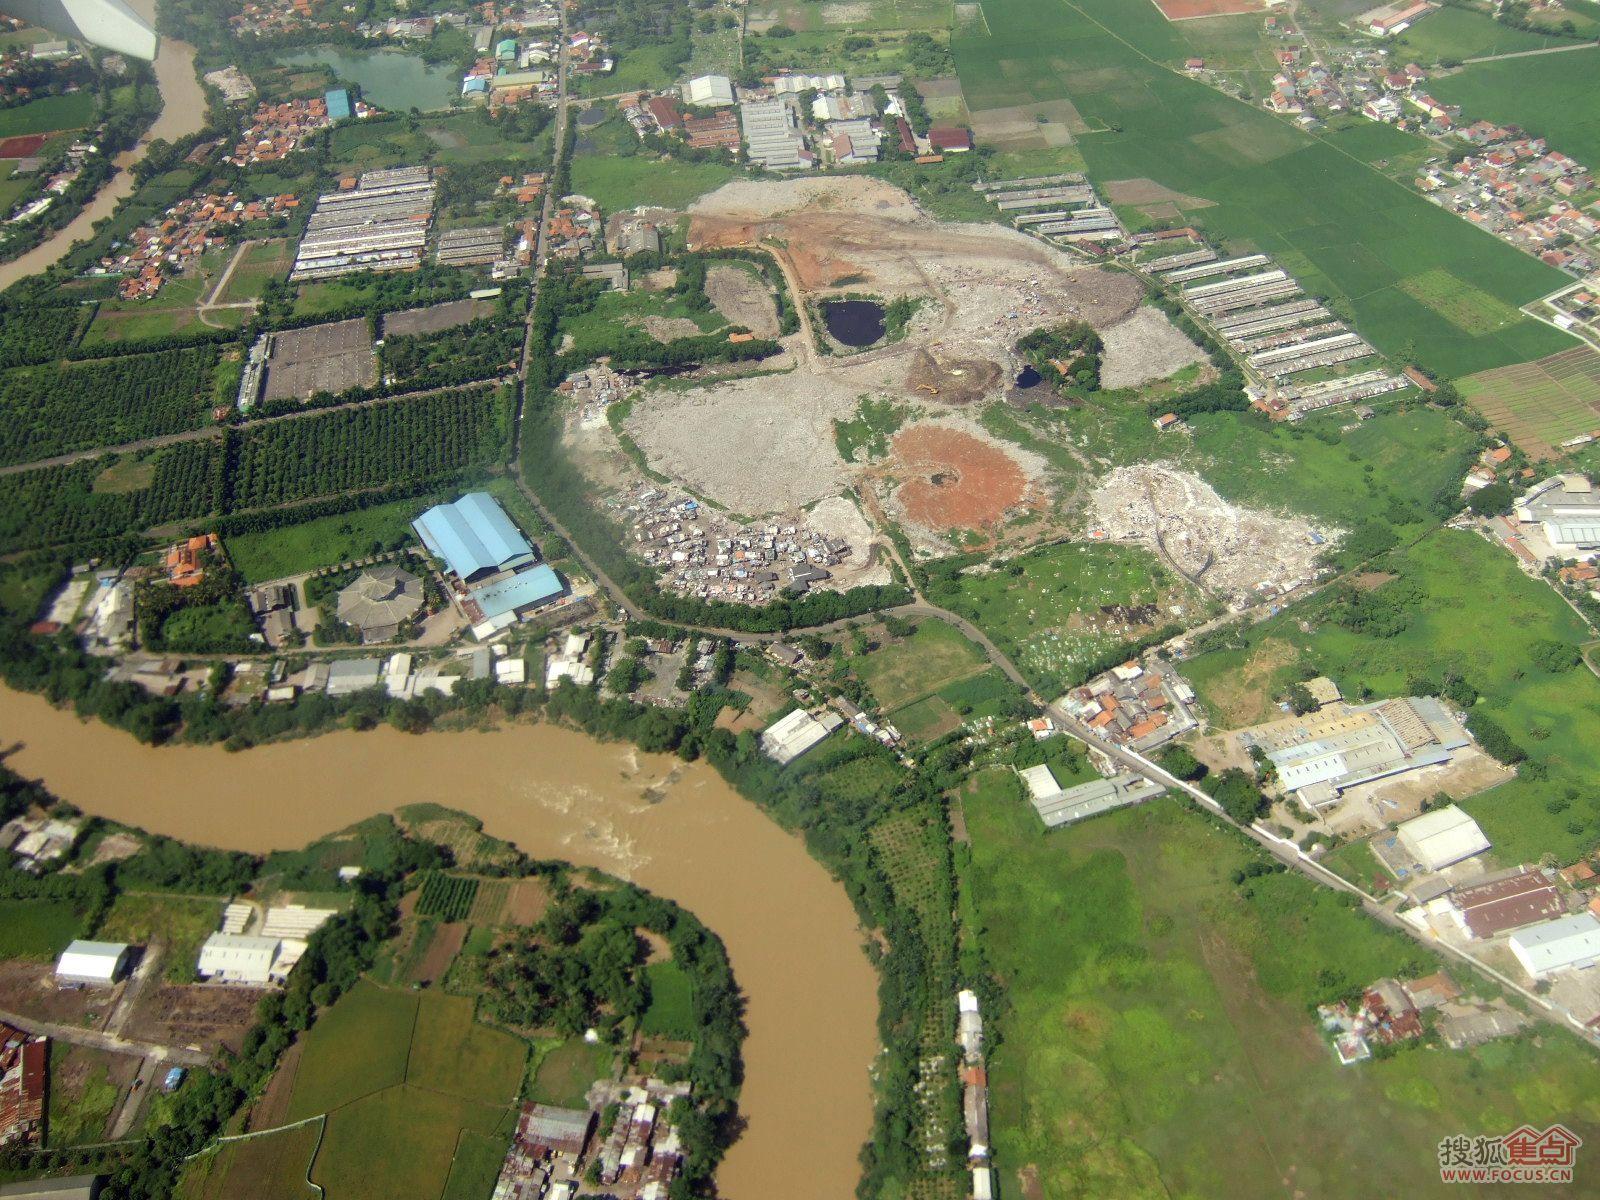 广州业主论坛 富力半岛花园业主论坛 > 图:在印尼苏门答腊群岛的上空